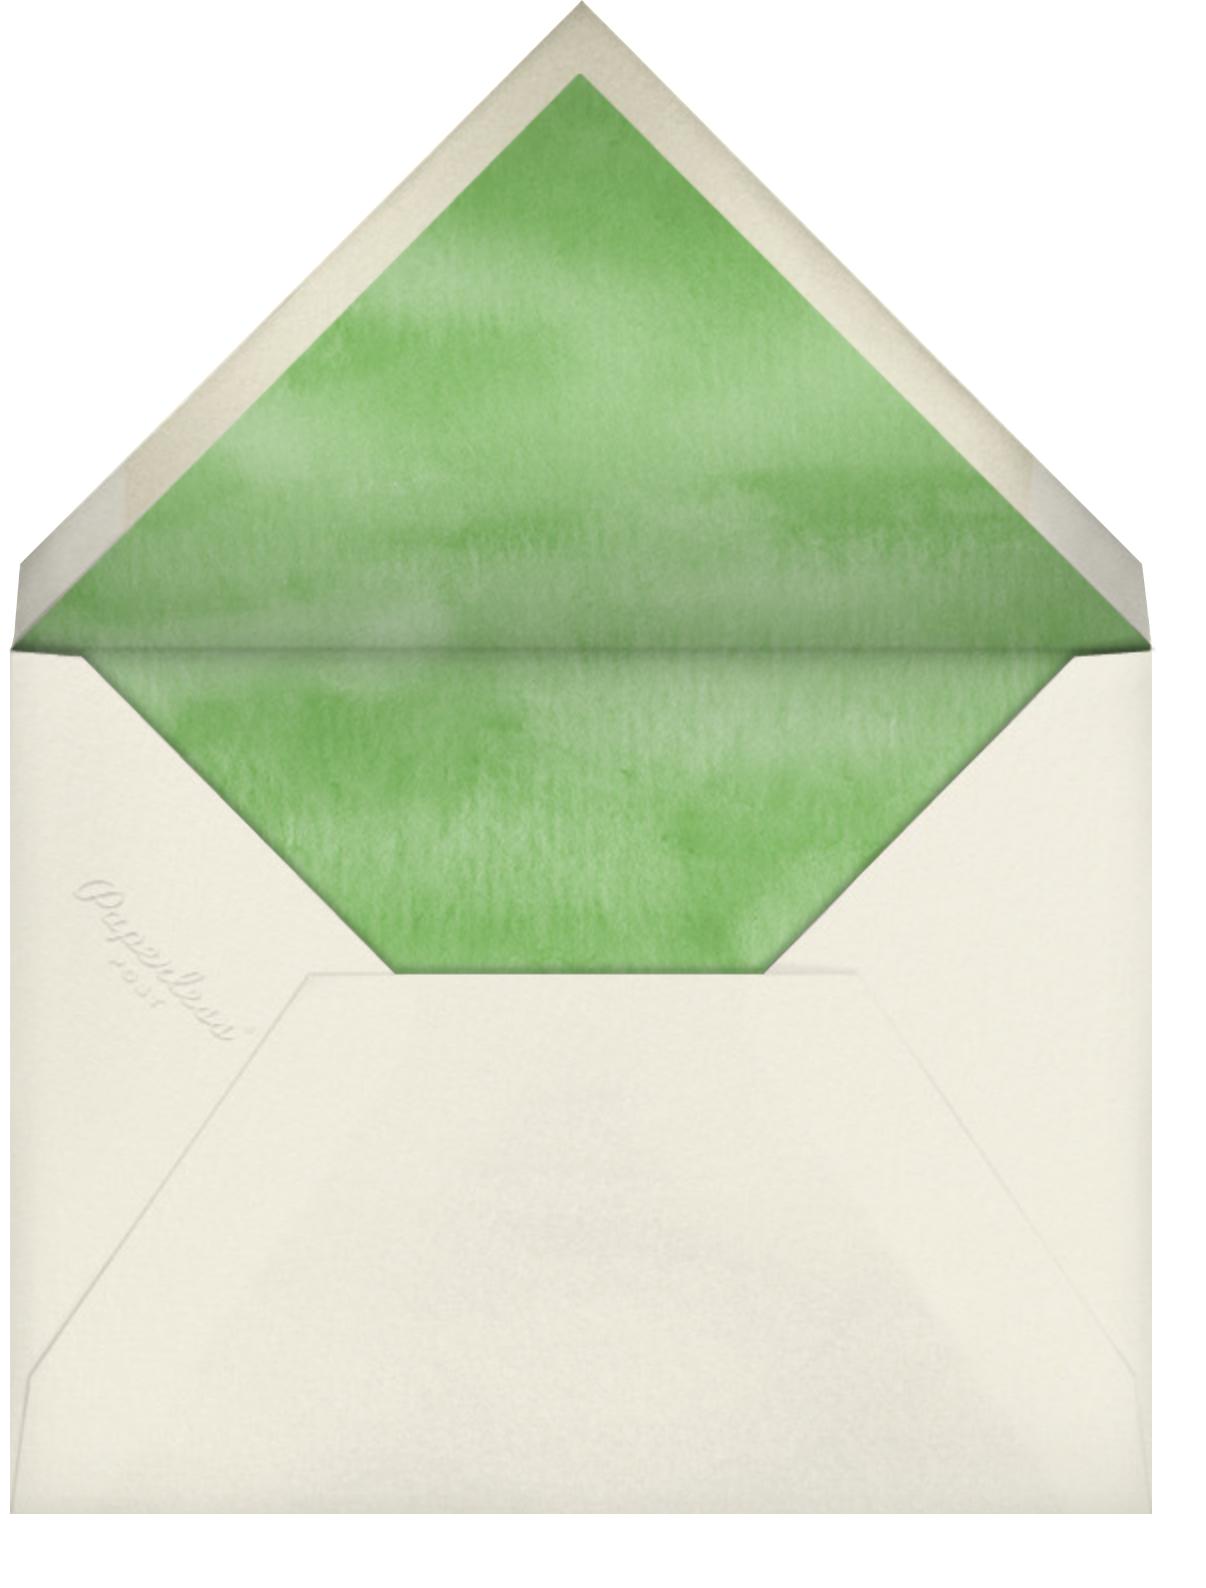 Nest Eggs - Felix Doolittle - Moving - envelope back